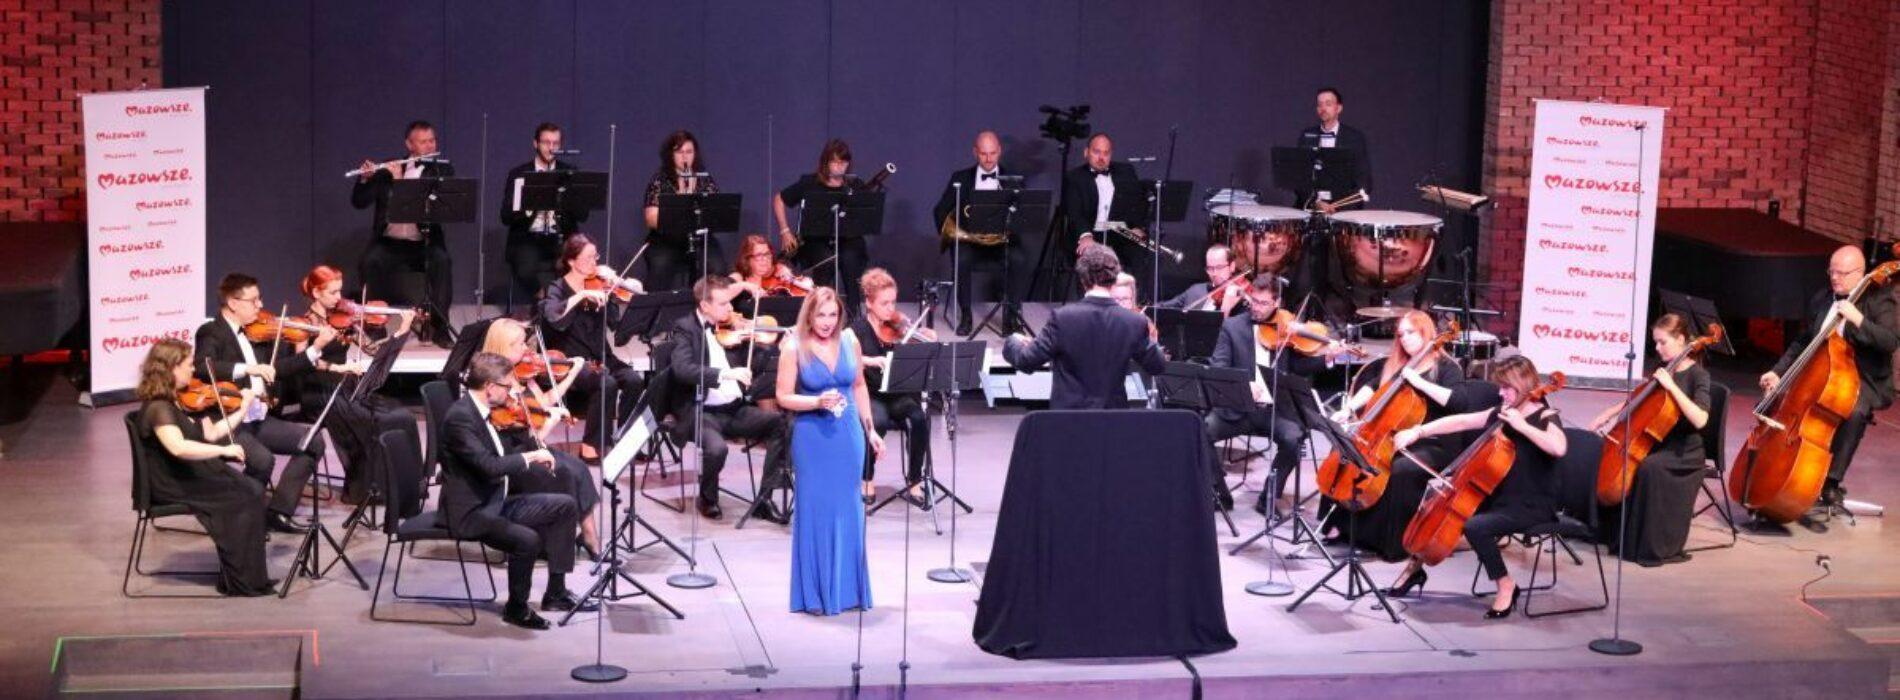 Łomżyńscy Filharmonicy nagrali pierwszą płytę DVD